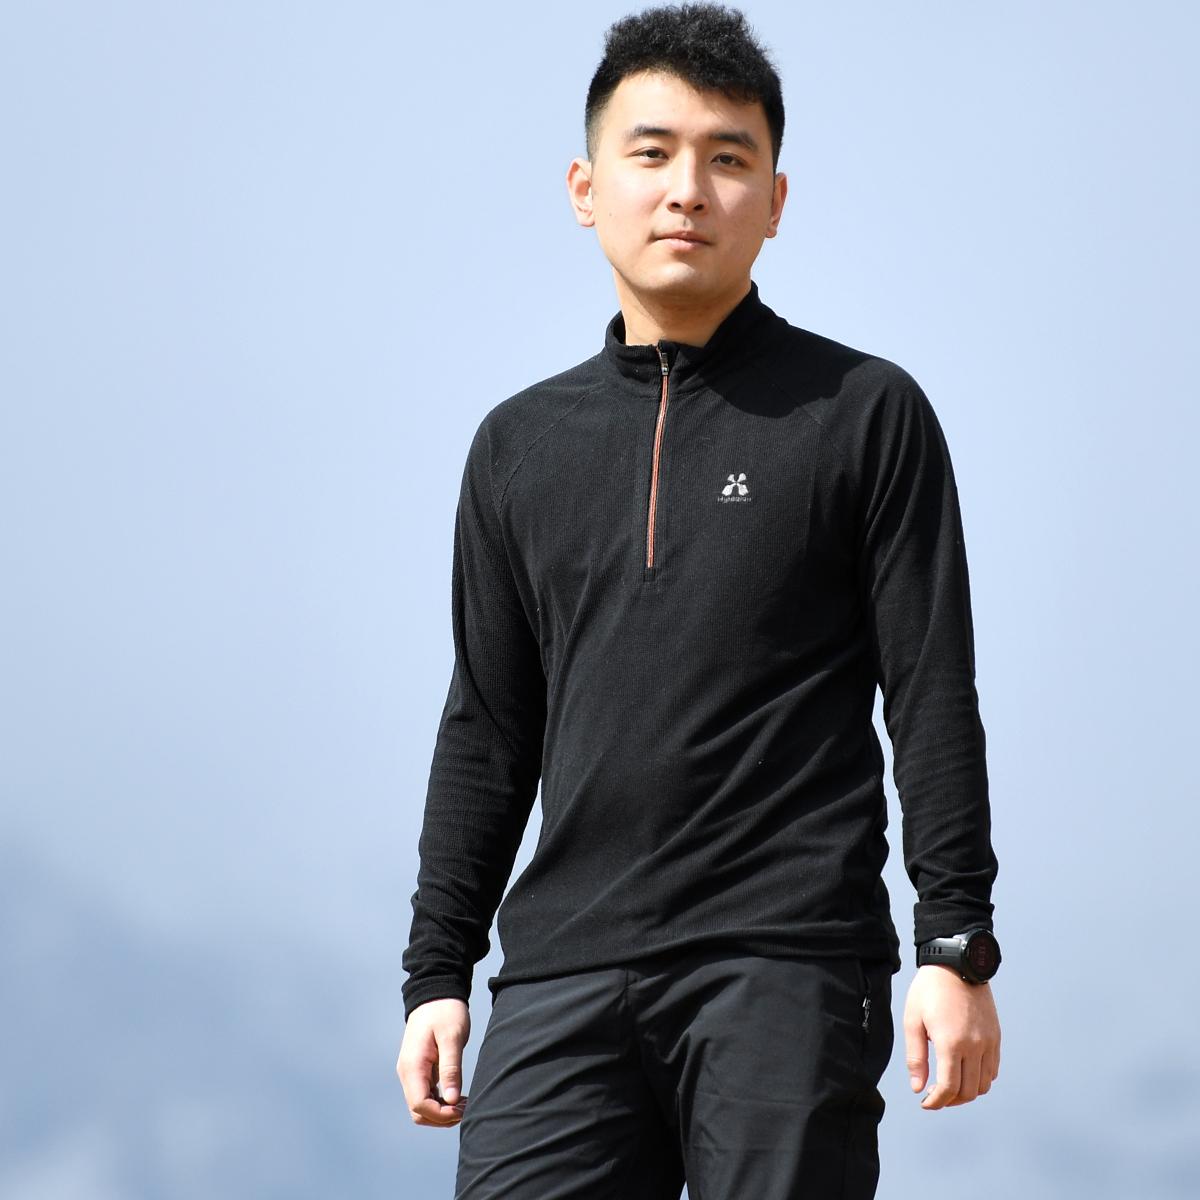 Пекин лес на открытом воздухе новые наборы глава шерсть флис теплый воротник движение эластичность воздухопроницаемый T футболки люди